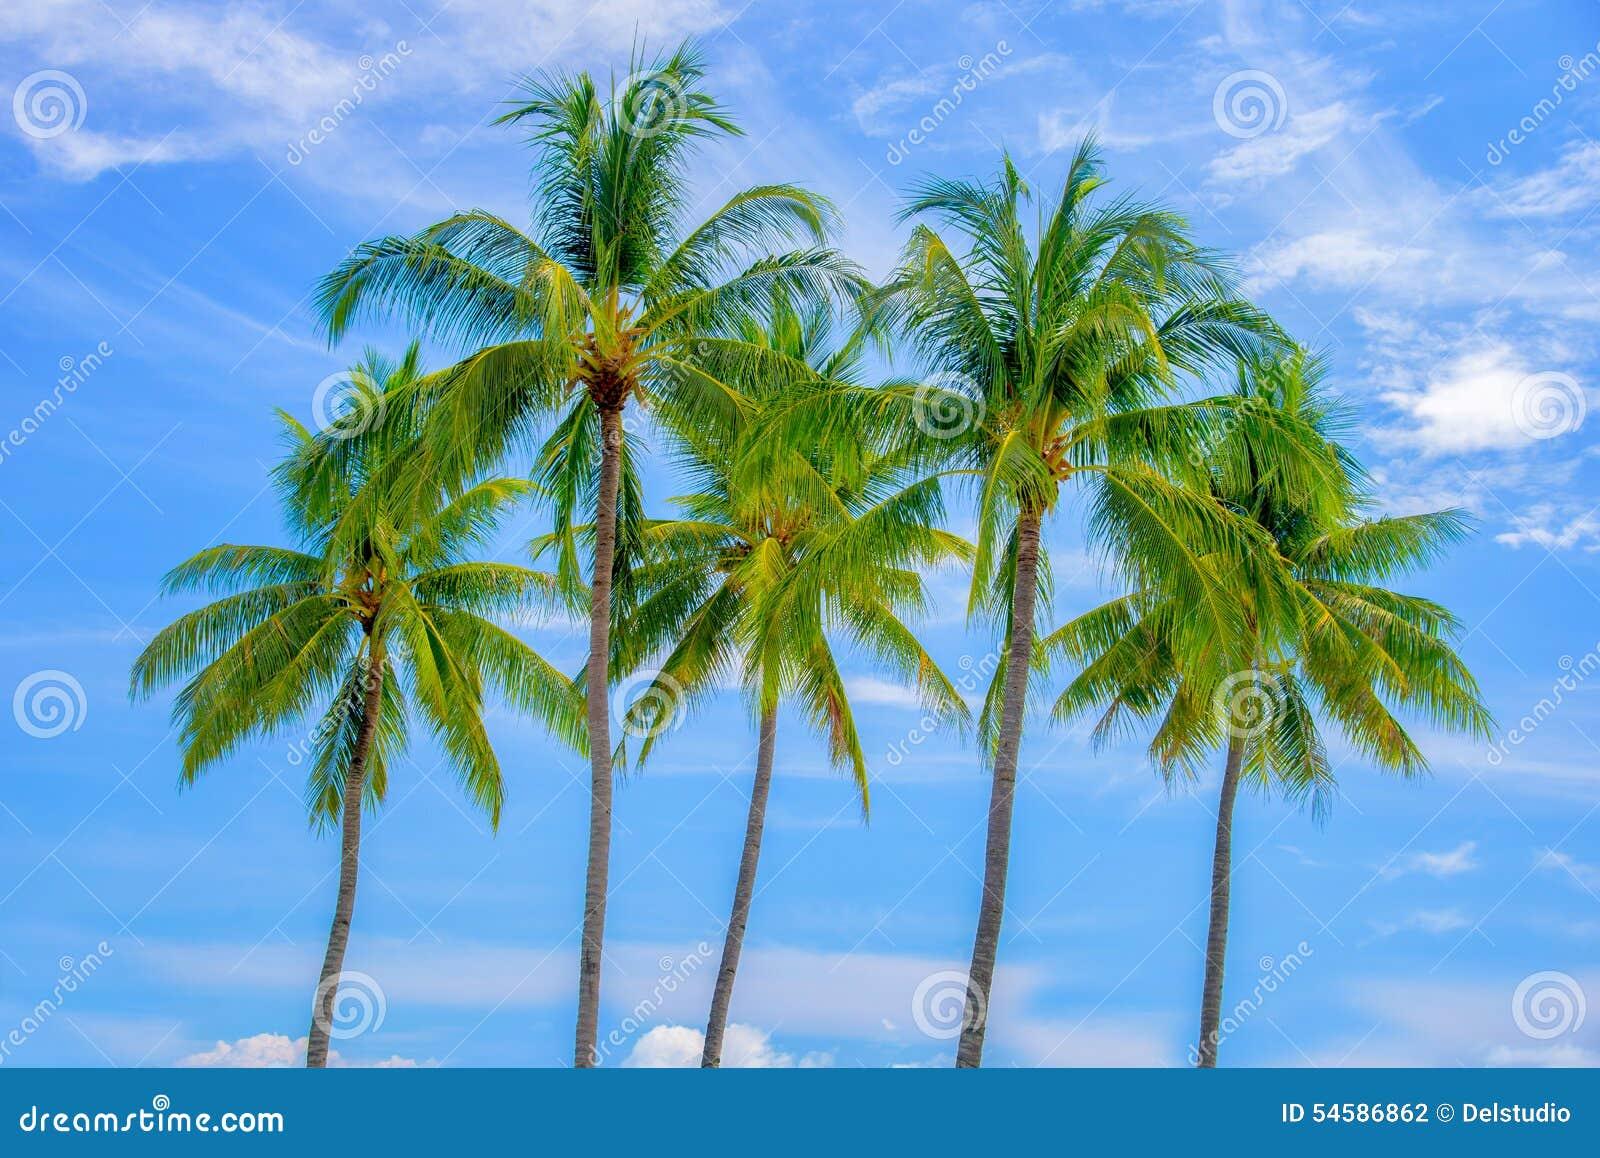 Groupe de palmiers, ciel bleu